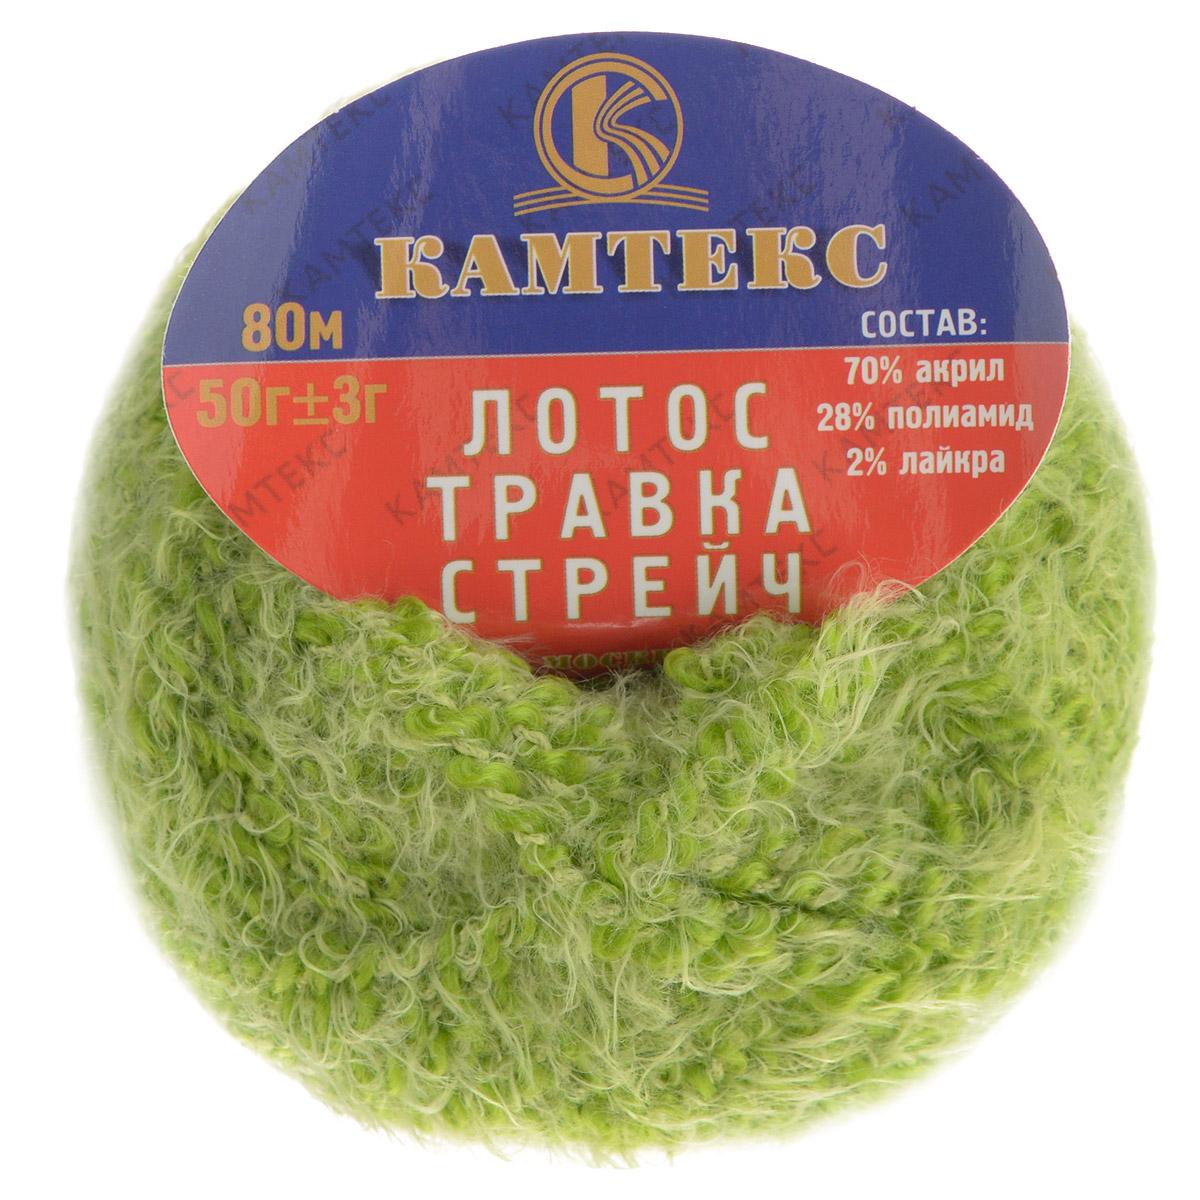 Пряжа для вязания Камтекс Лотос травка стрейч, цвет: липа (130), 80 м, 50 г, 10 шт136081_130Пряжа для вязания Камтекс Лотос травка стрейч имеет интересный и необычный состав: 70% акрил, 28% полиамид, 2% лайкра. Акрил отвечает за мягкость, полиамид за прочность и формоустойчивость, а лайкра делает полотно необыкновенно эластичным. Эта волшебная плюшевая ниточка удивляет своей мягкостью, вяжется очень просто и быстро, ворсинки не путаются. Из этой пряжи получатся замечательные мягкие игрушки, которые будут, не только приятны, но и абсолютно безопасны для маленьких детей. А яркие и сочные оттенки подарят ребенку радость и хорошее настроение.